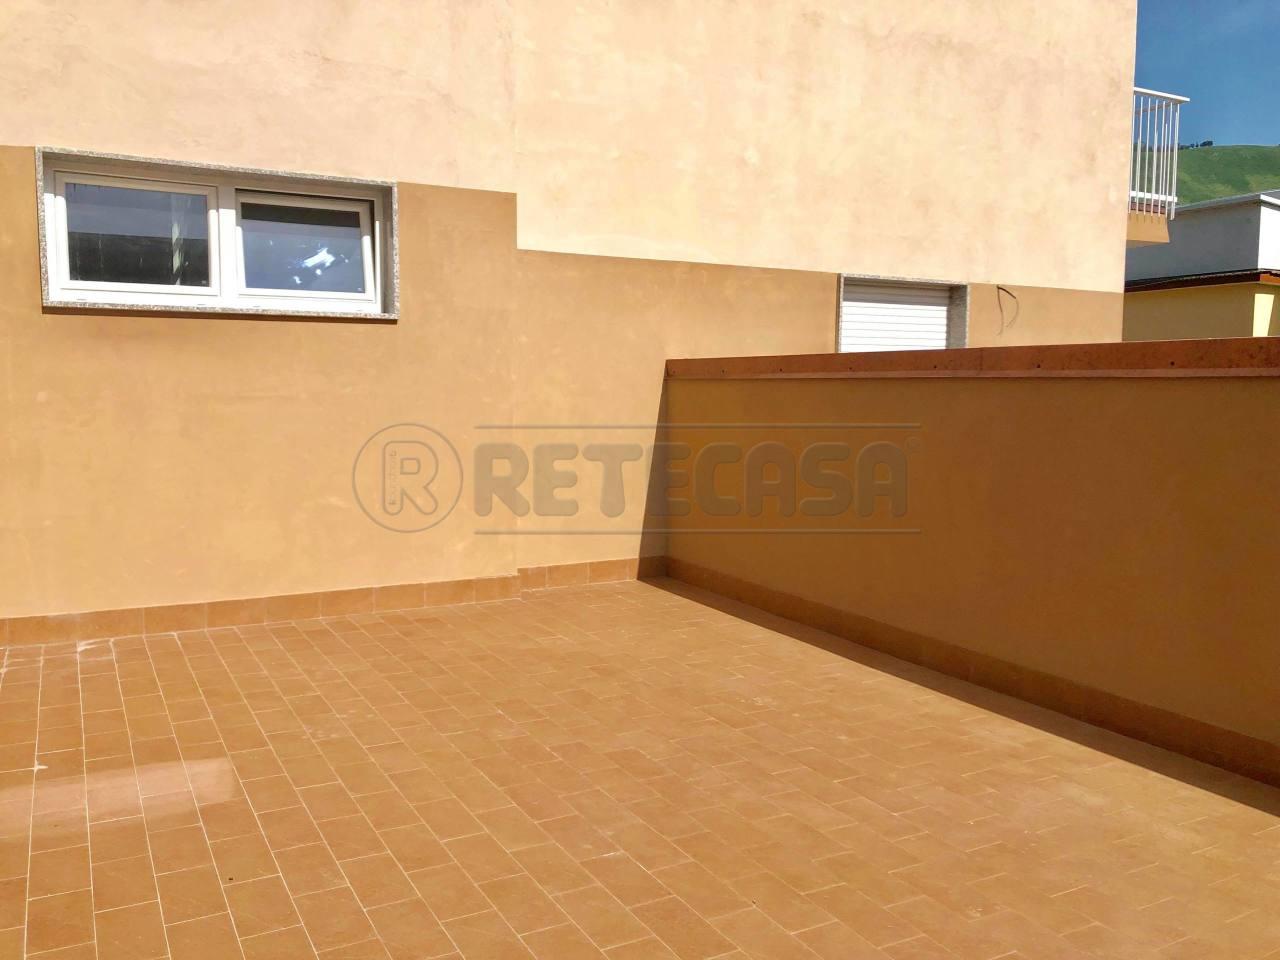 Appartamento in vendita Rif. 10452012